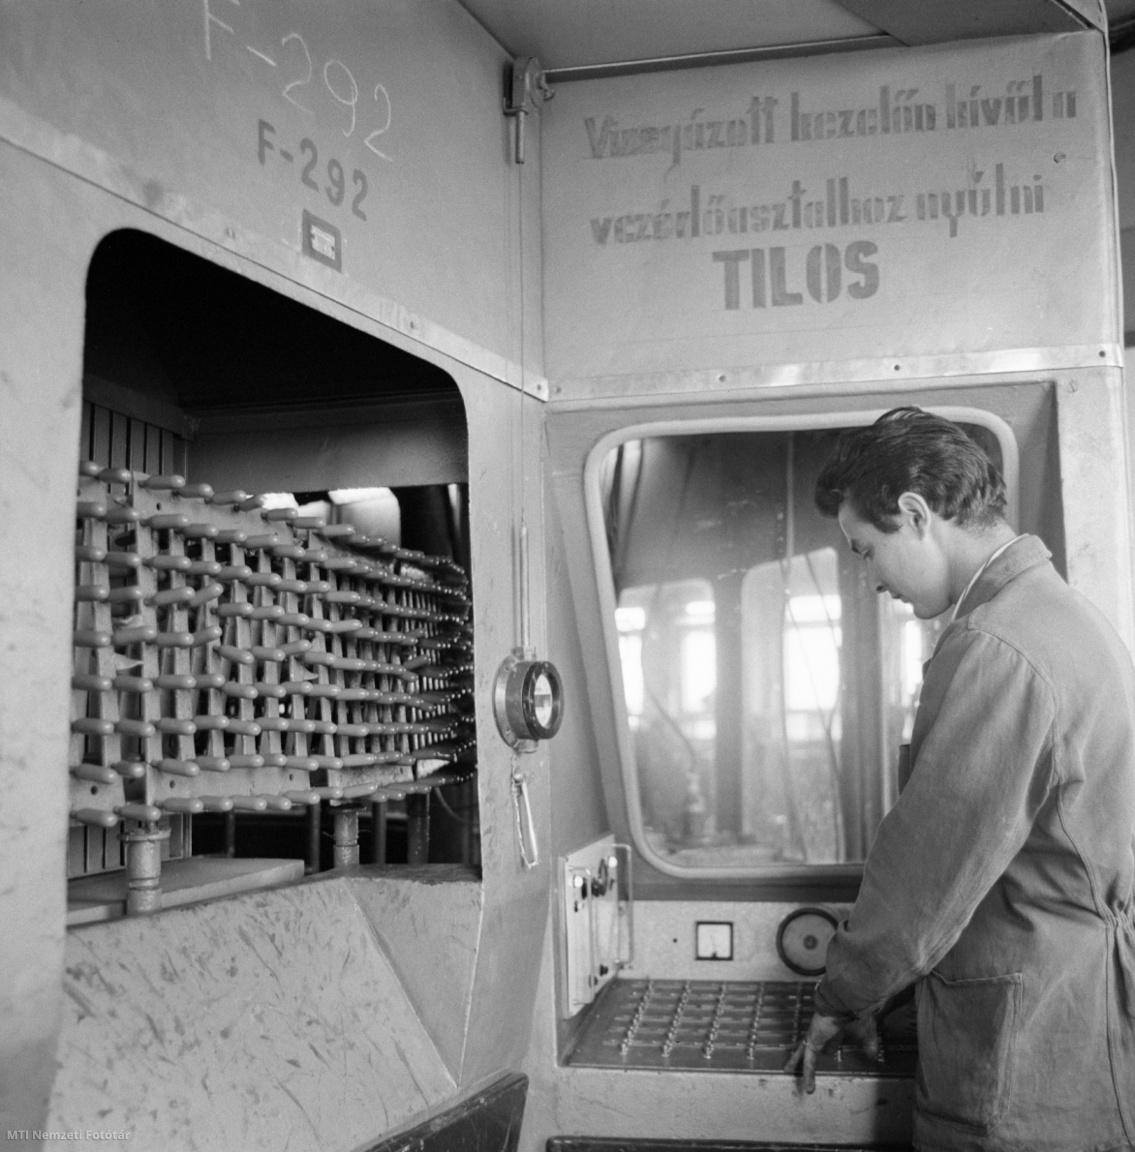 Répcelak, 1965. július 7. Automata gépen elektrosztatikus úton festik a háztartásokban a szódavíz (szikvíz) készítésére használt szódásszifonpatronokat a Répcelaki Szénsavgyárban. A július elejétől gyártott, festett szén-dioxid-patronok nem rozsdásodnak. Technológiai újítással sikerült 98 százalékos tisztaságú szénsavat is előállítani, amivel megszűnt a szén-dioxid kellemetlen mellékíze